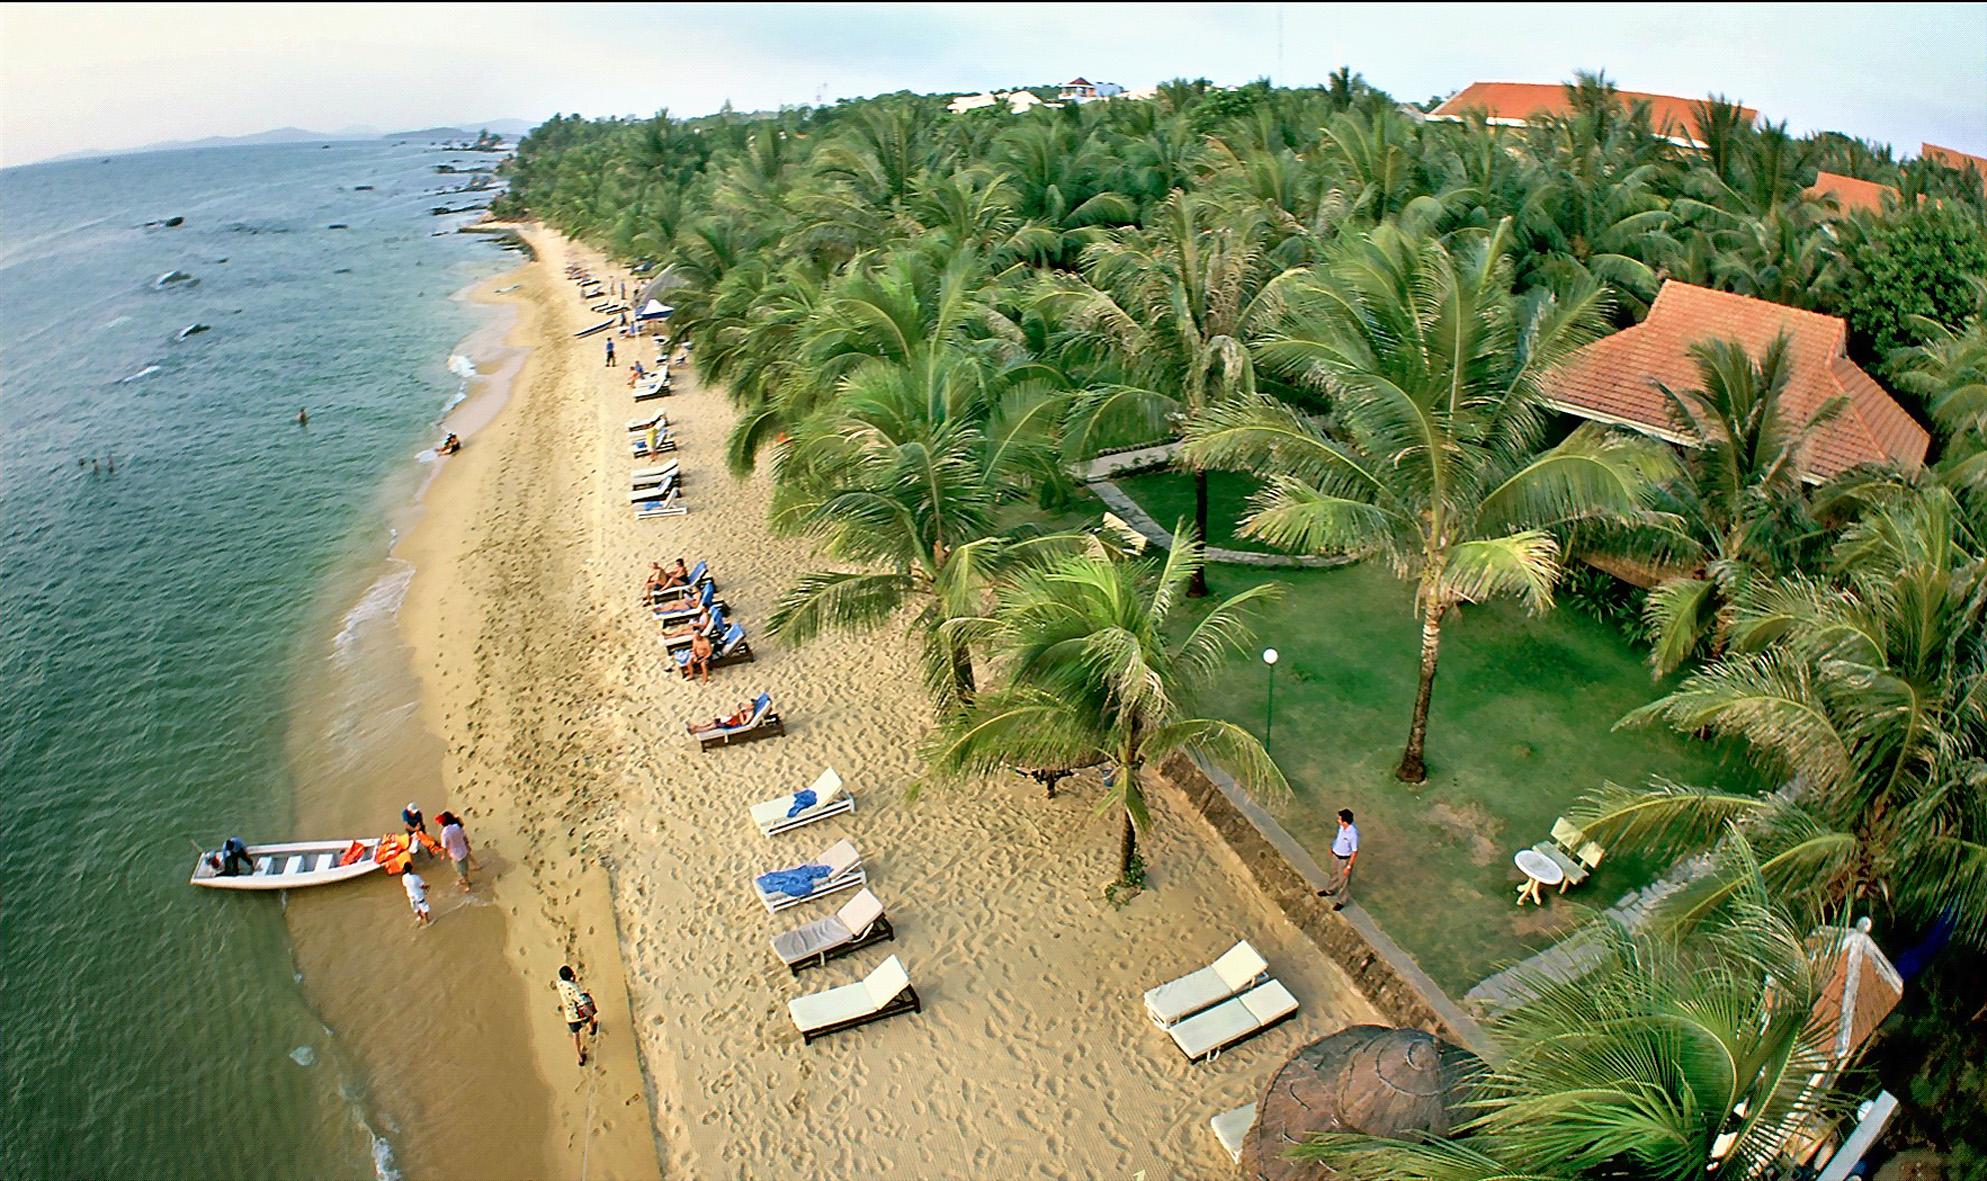 Bãi Sau cũng  nổi tiếng với những hàng dừa xanh ngắt